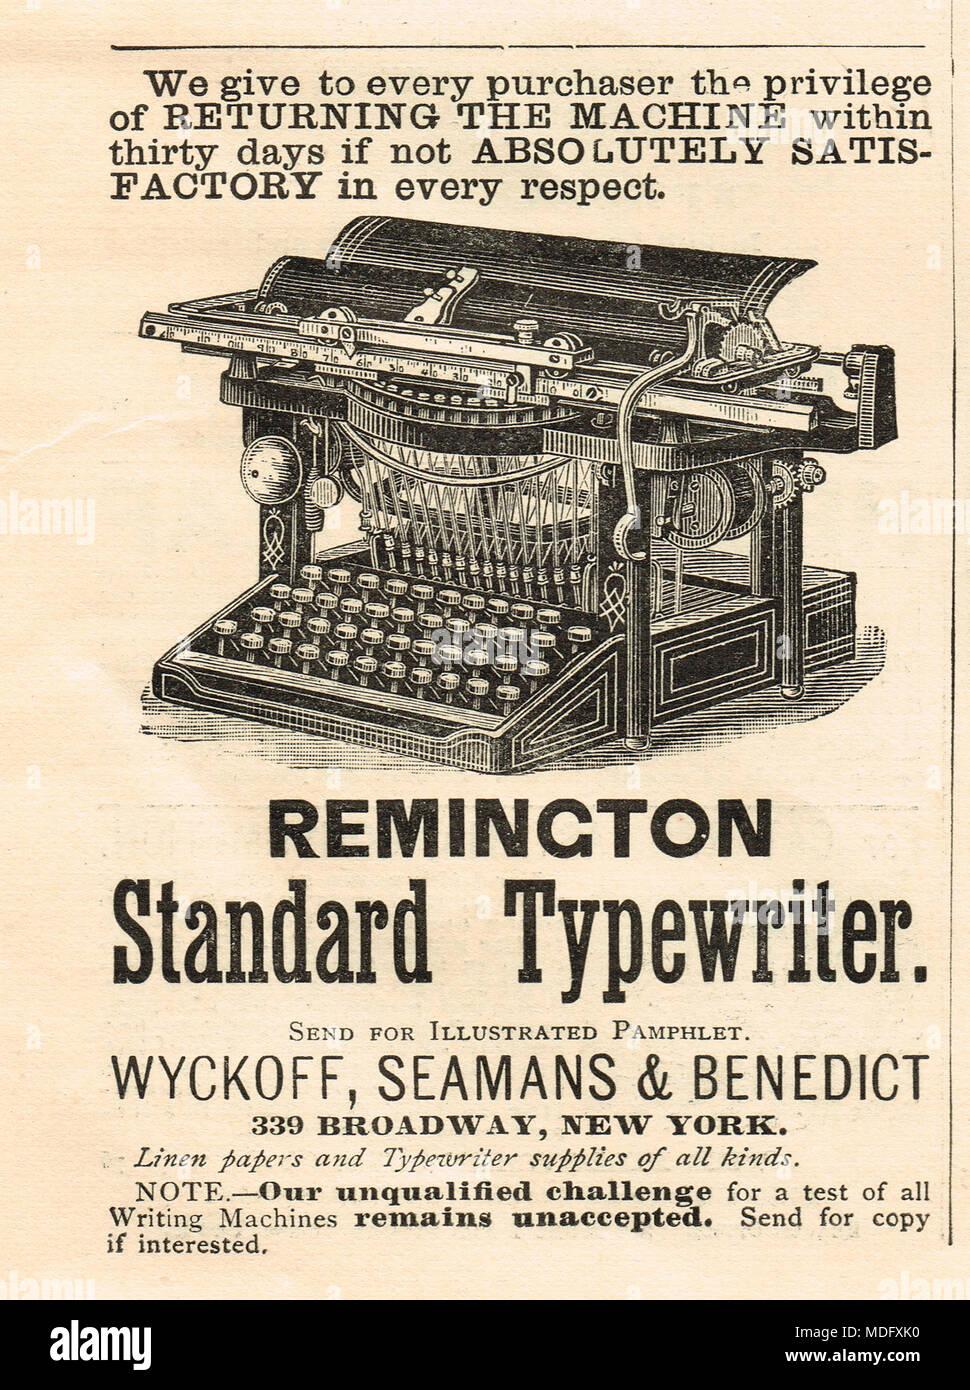 Early advert, Remington standard typewriter, 1888 - Stock Image